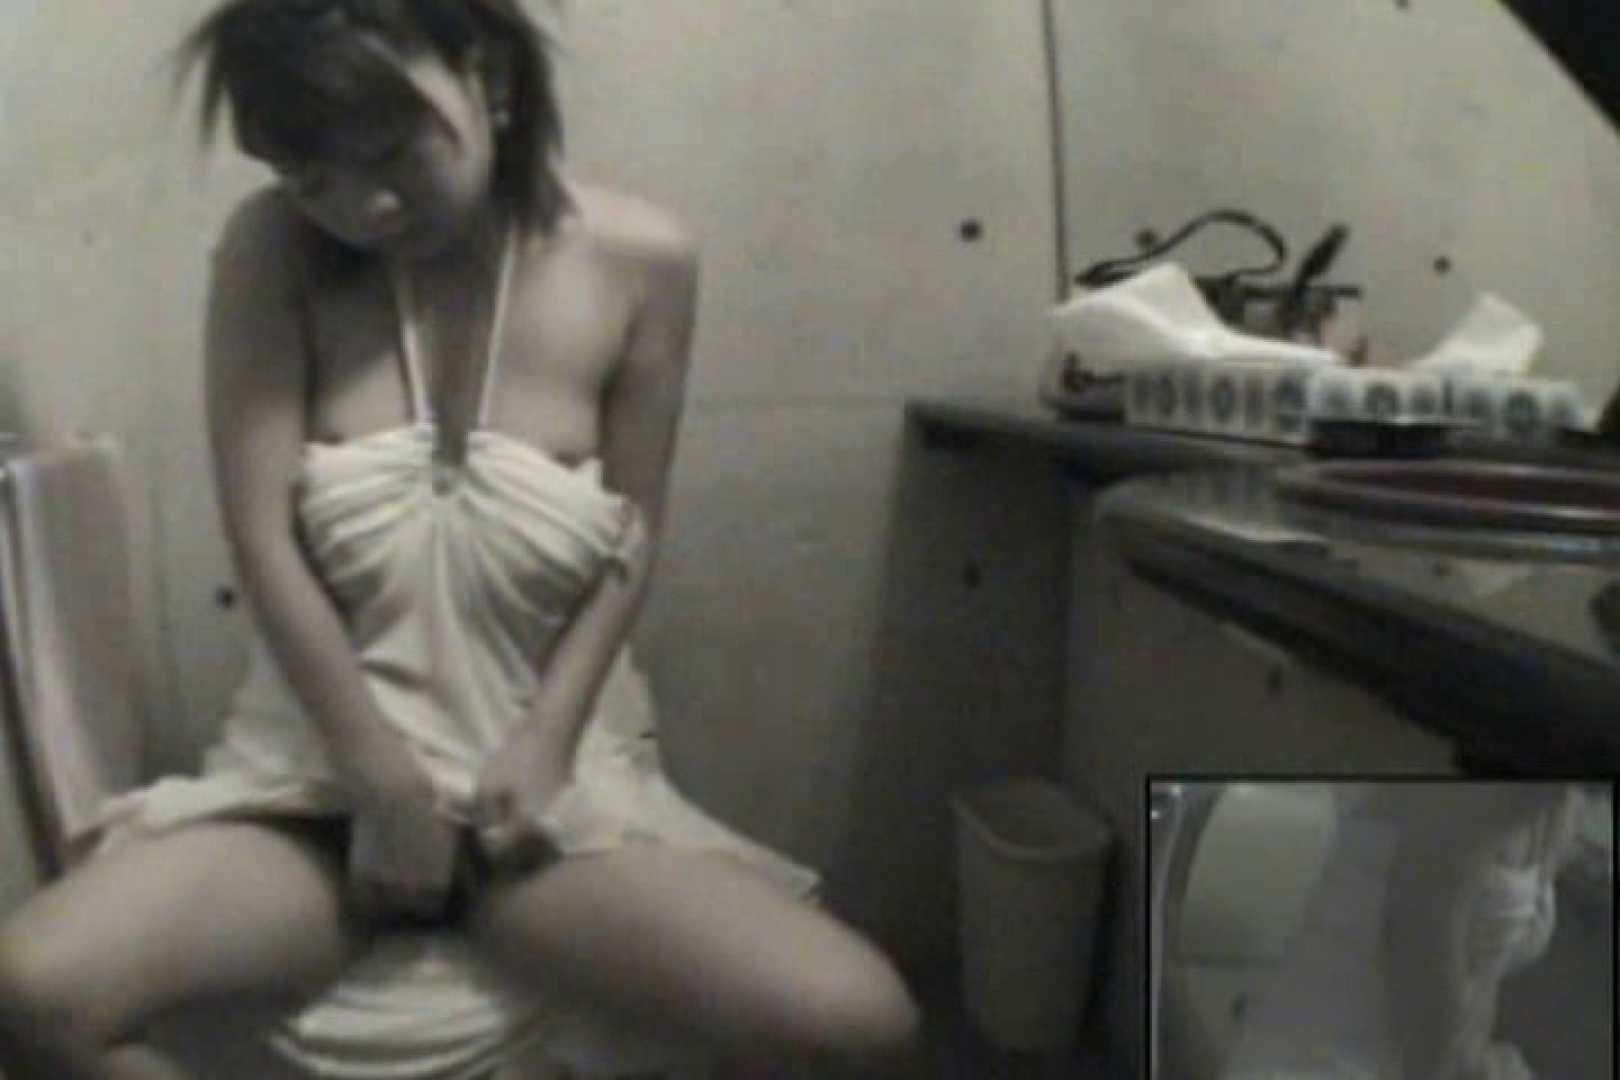 キャバ嬢は仕事の合間でもオナニーします!!Vol.6 ぱっくり下半身 SEX無修正画像 80画像 46